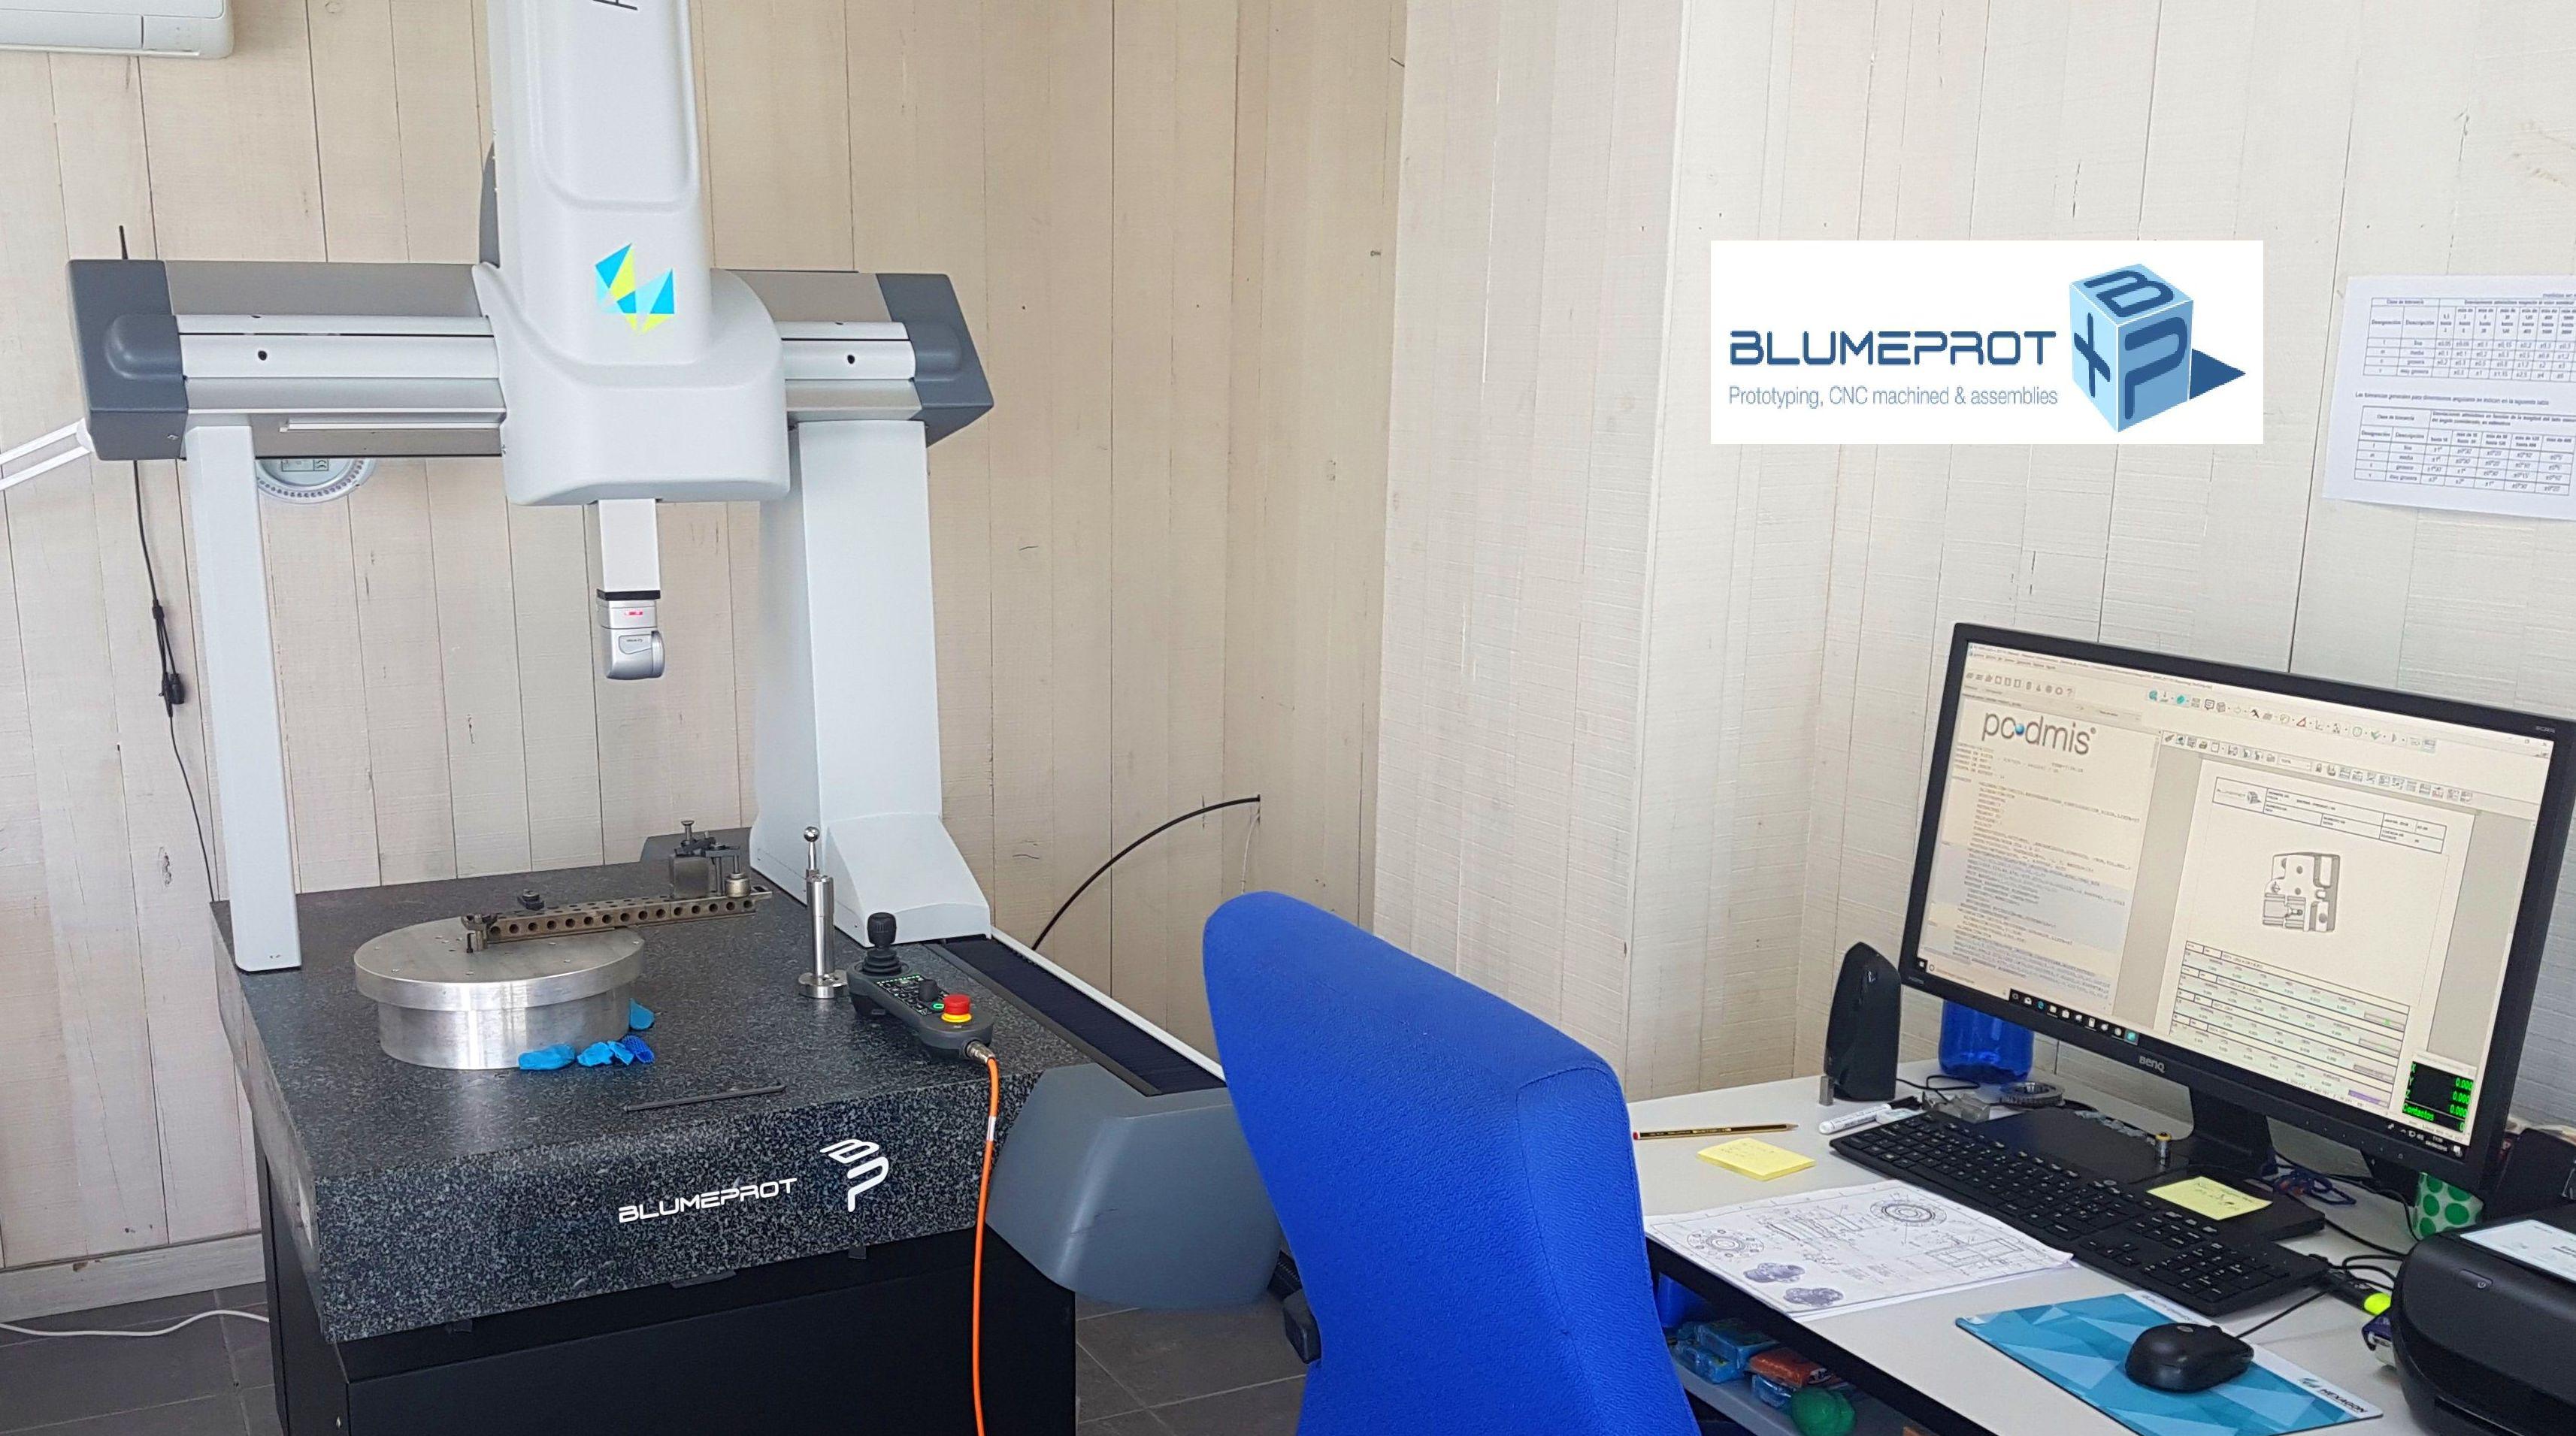 Foto 1 de Mecanizados en Vilassar de Mar | Blumeprot